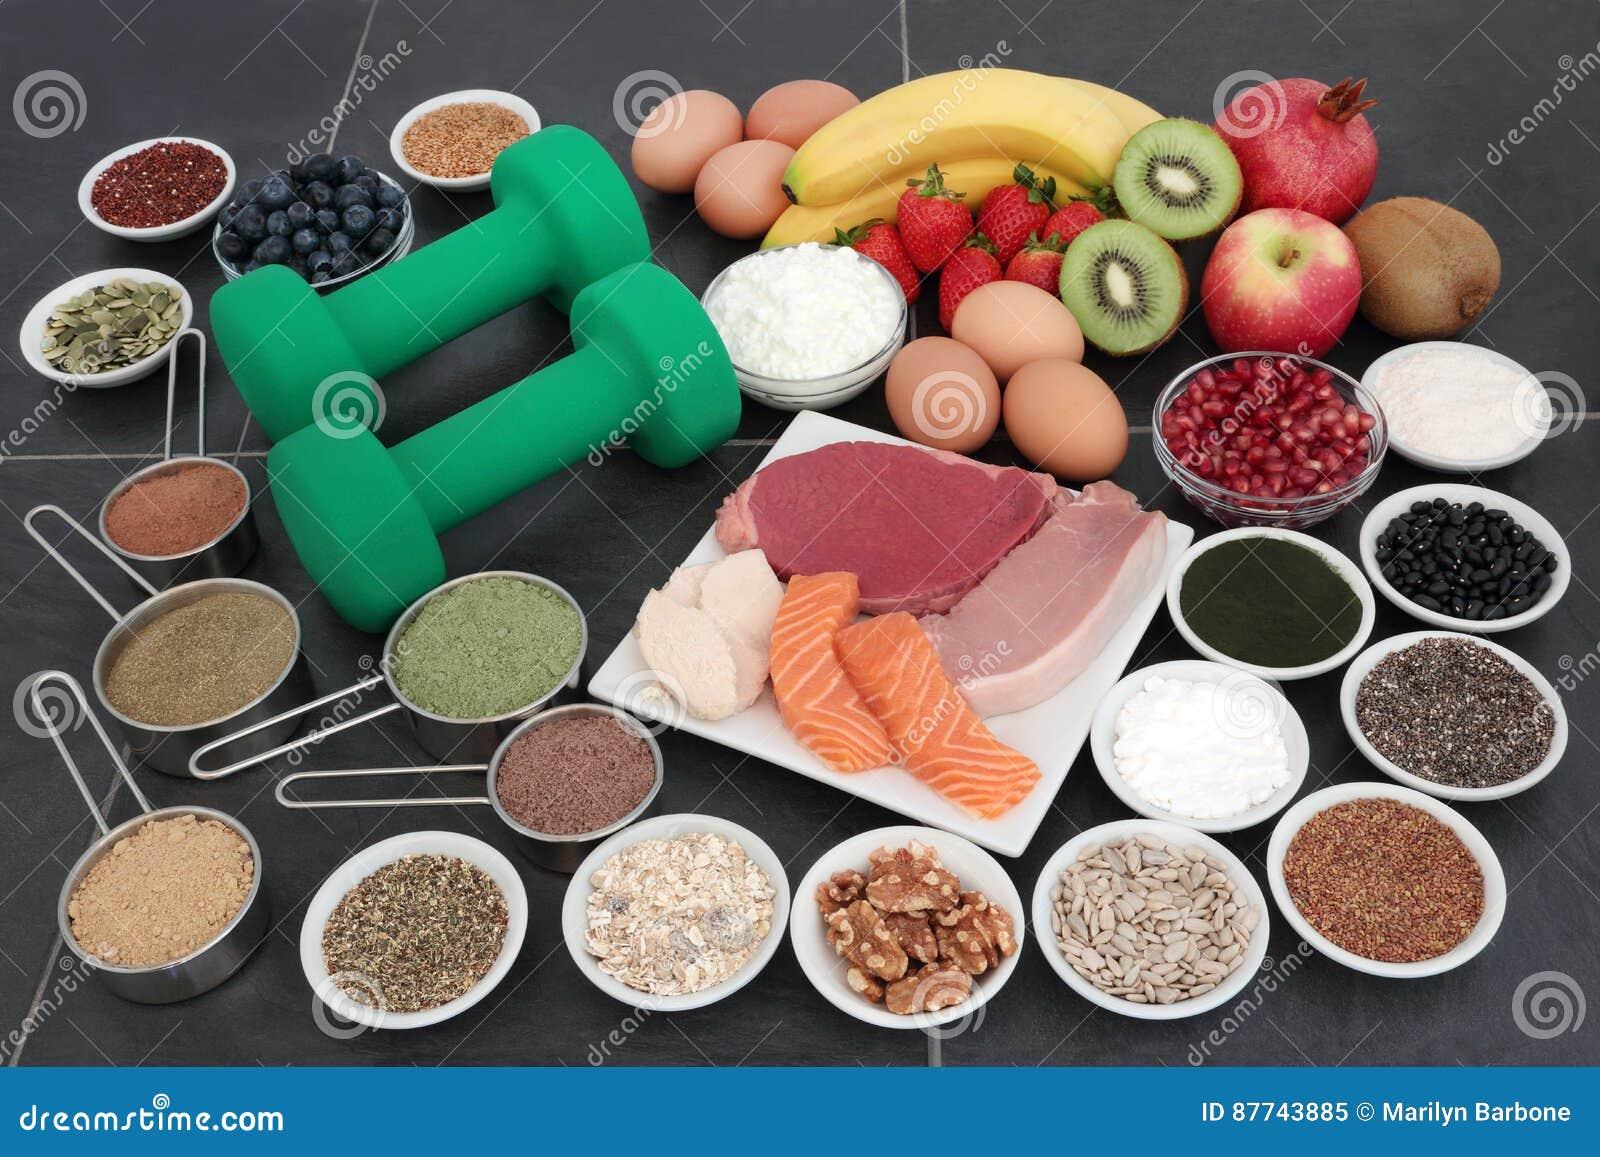 Alimento natural para construtores de corpo